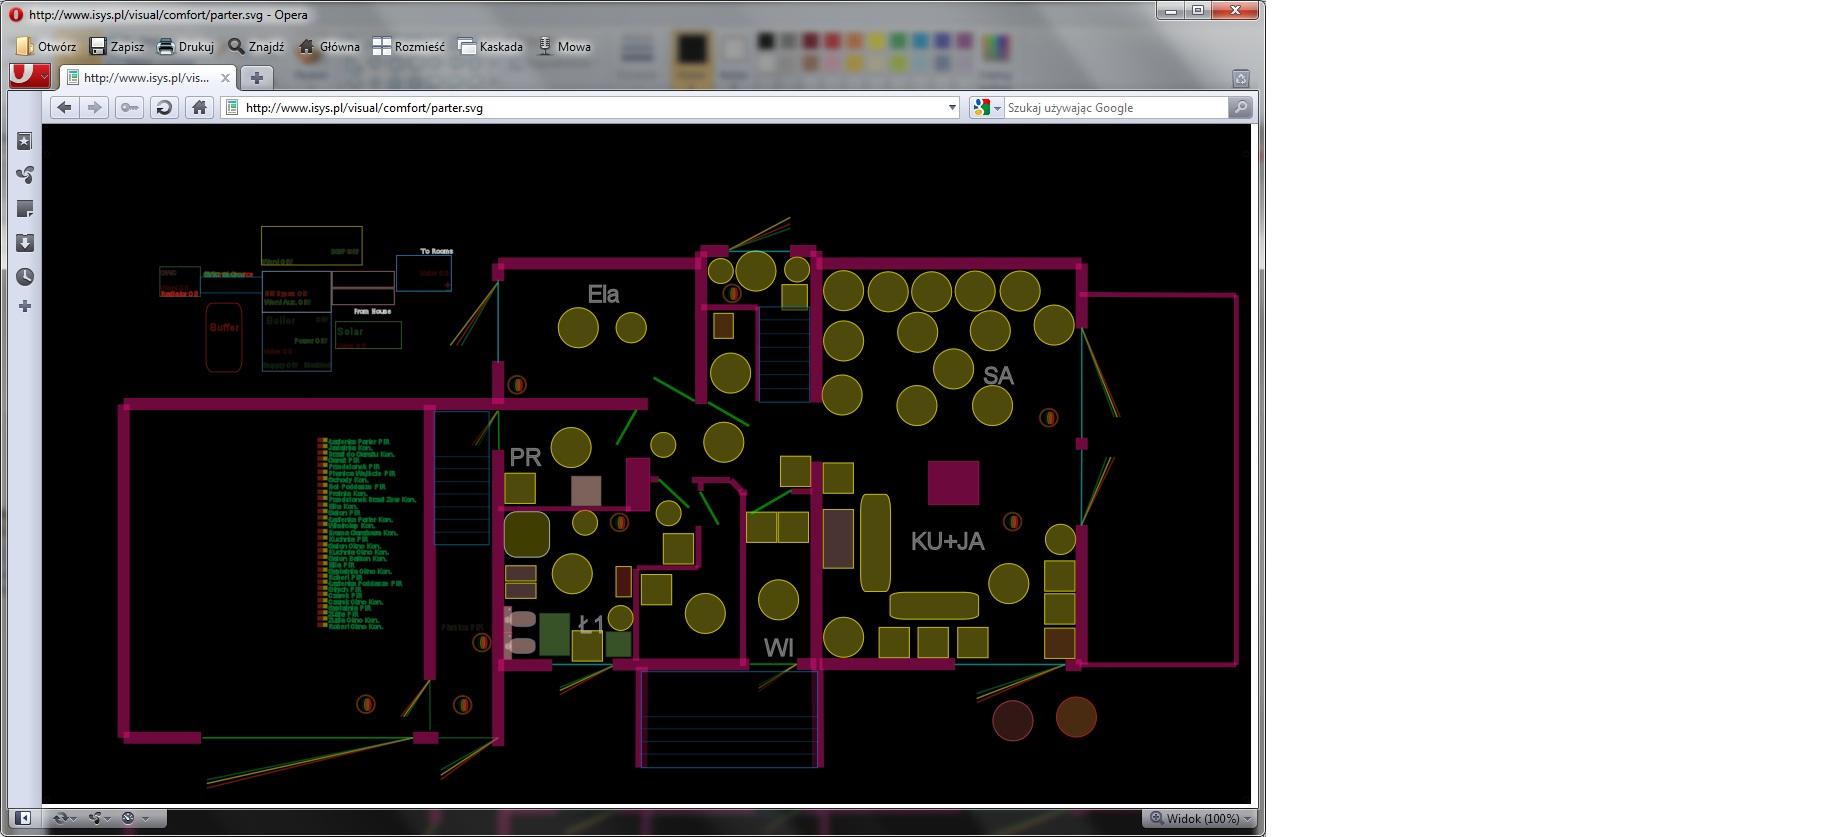 Inteligentny dom eHouse. Sterowanie przez przeglądarkę WWW (SVG)